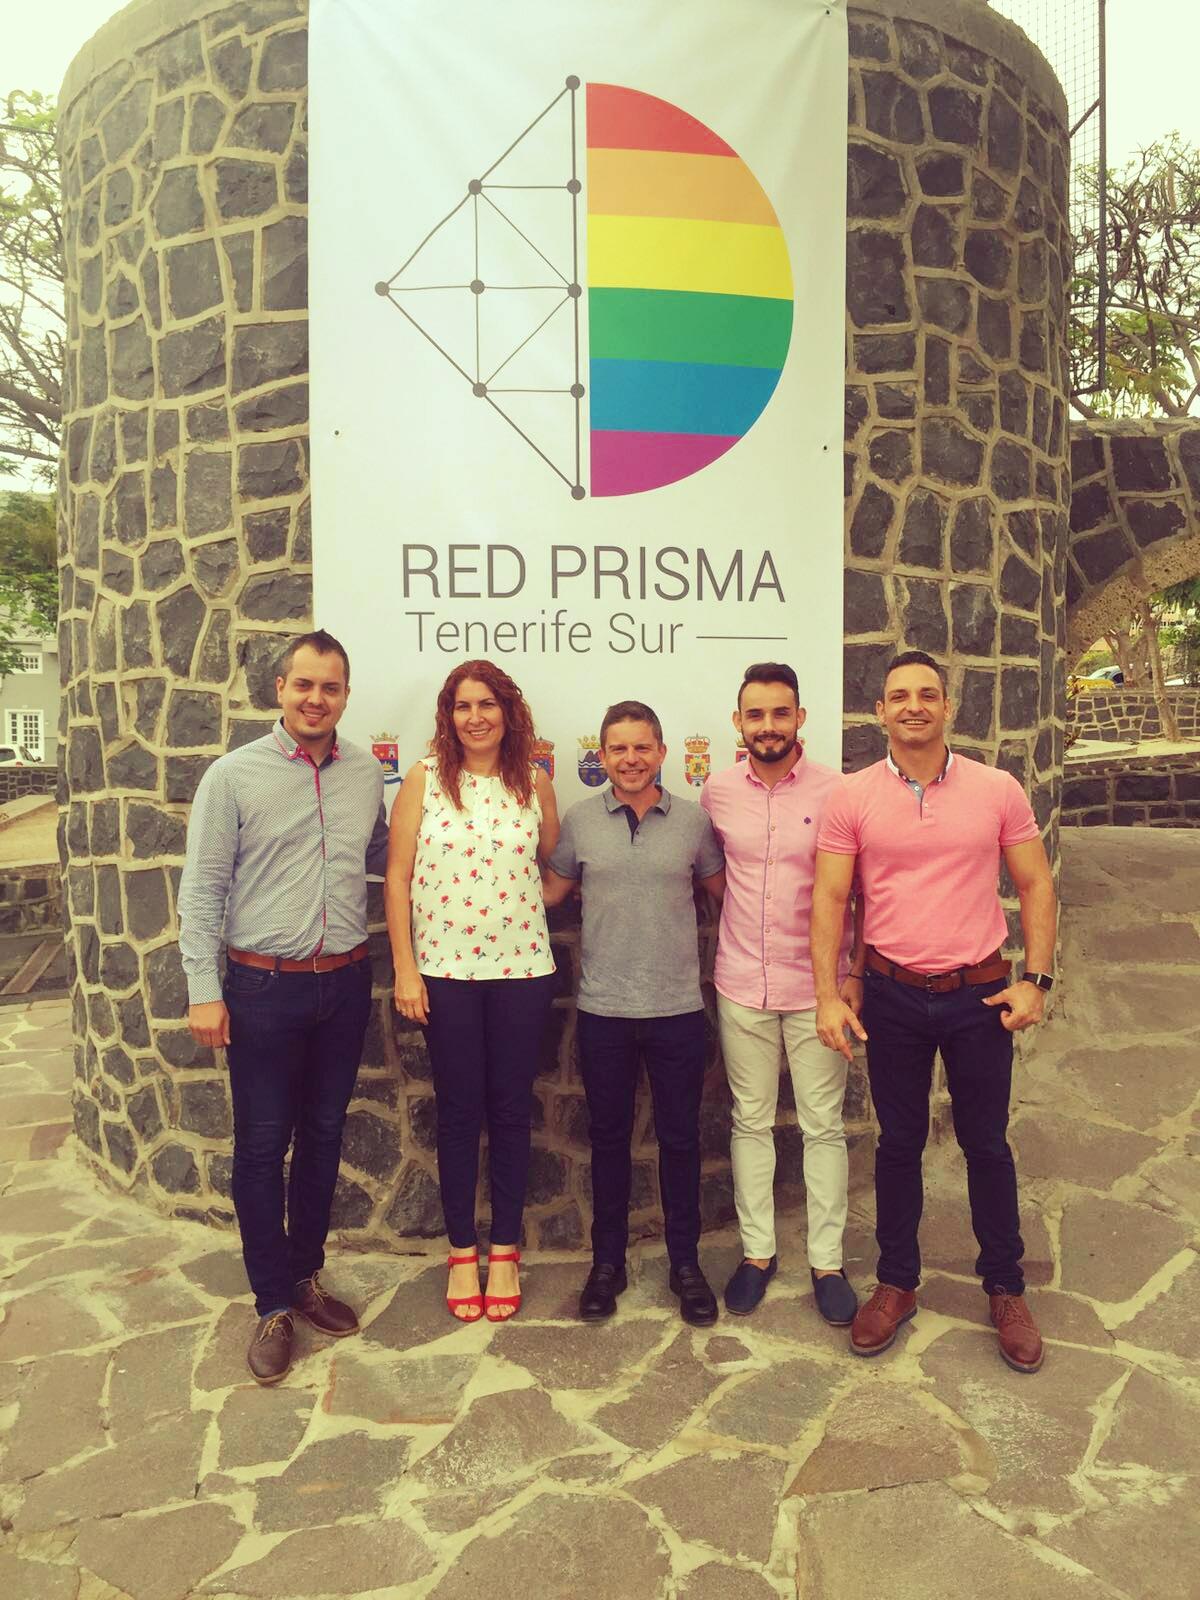 Red Prisma Tenerife Sur